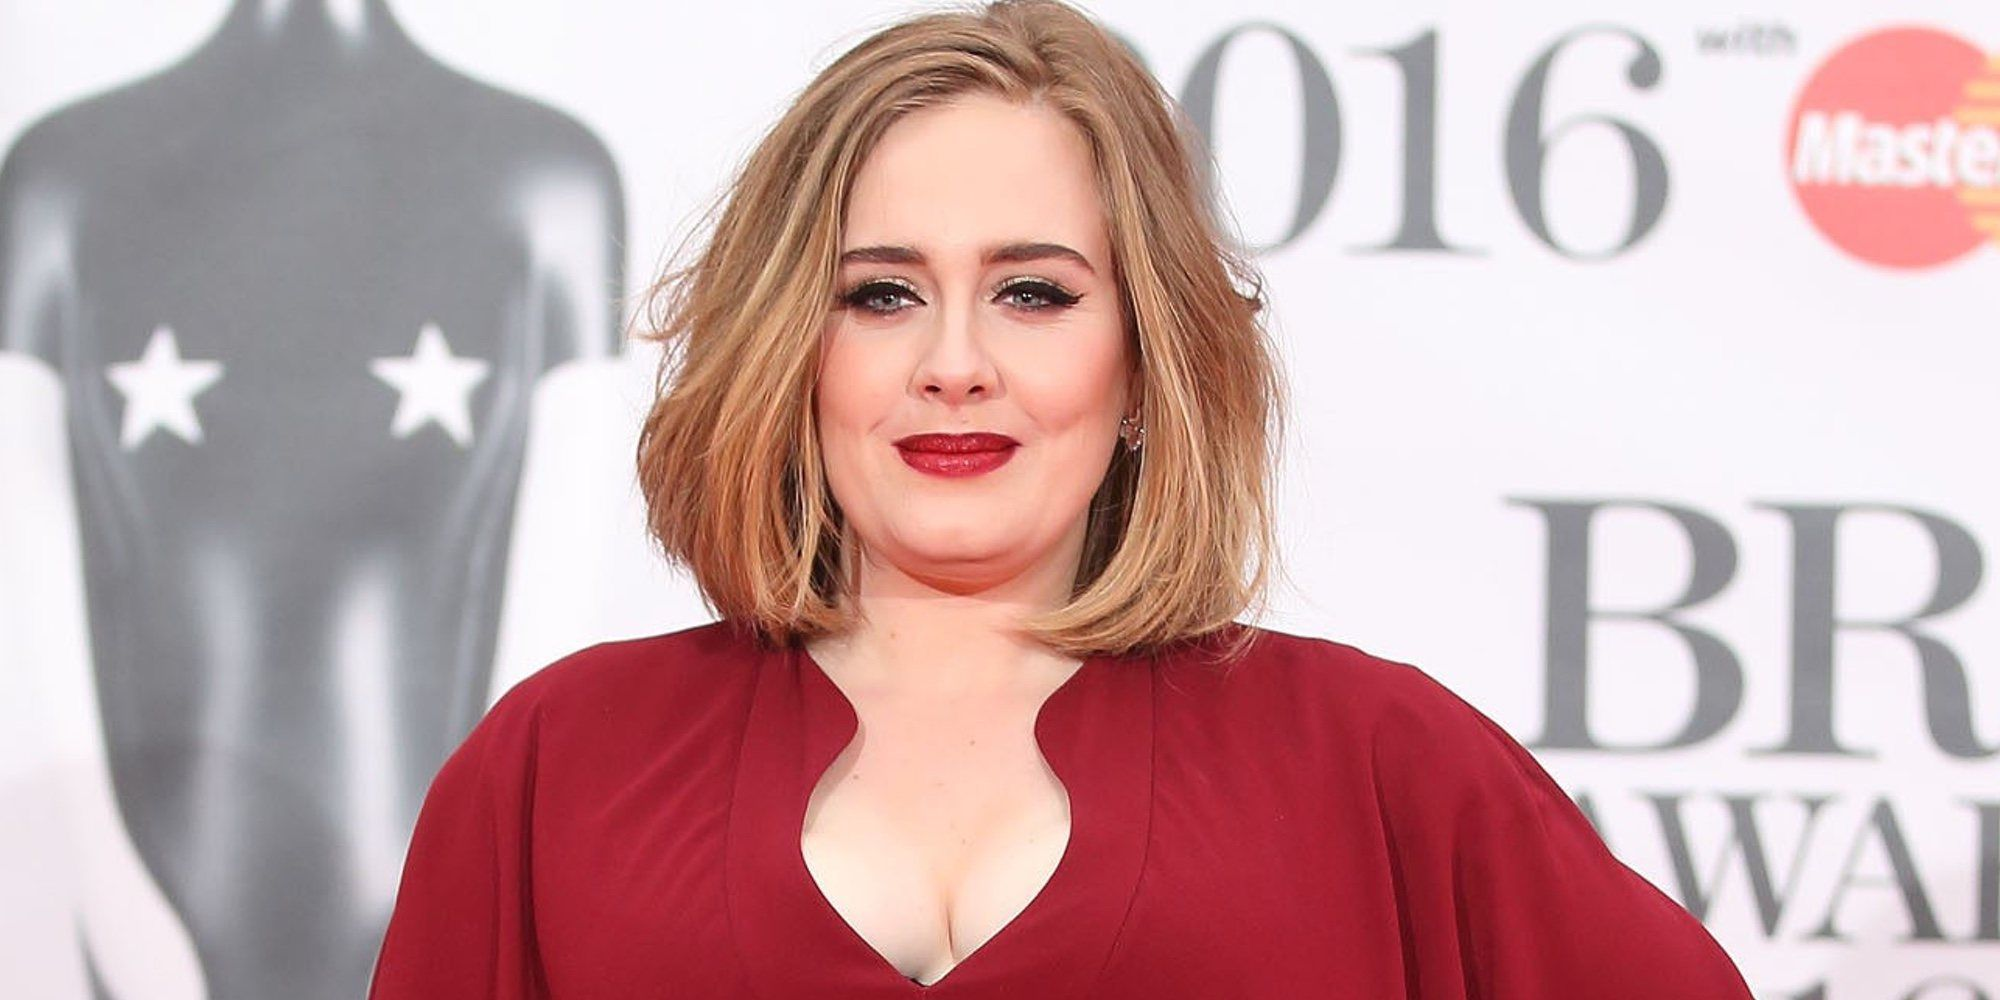 El divorcio de Adele podría costarle  150 millones de libras de su fortuna